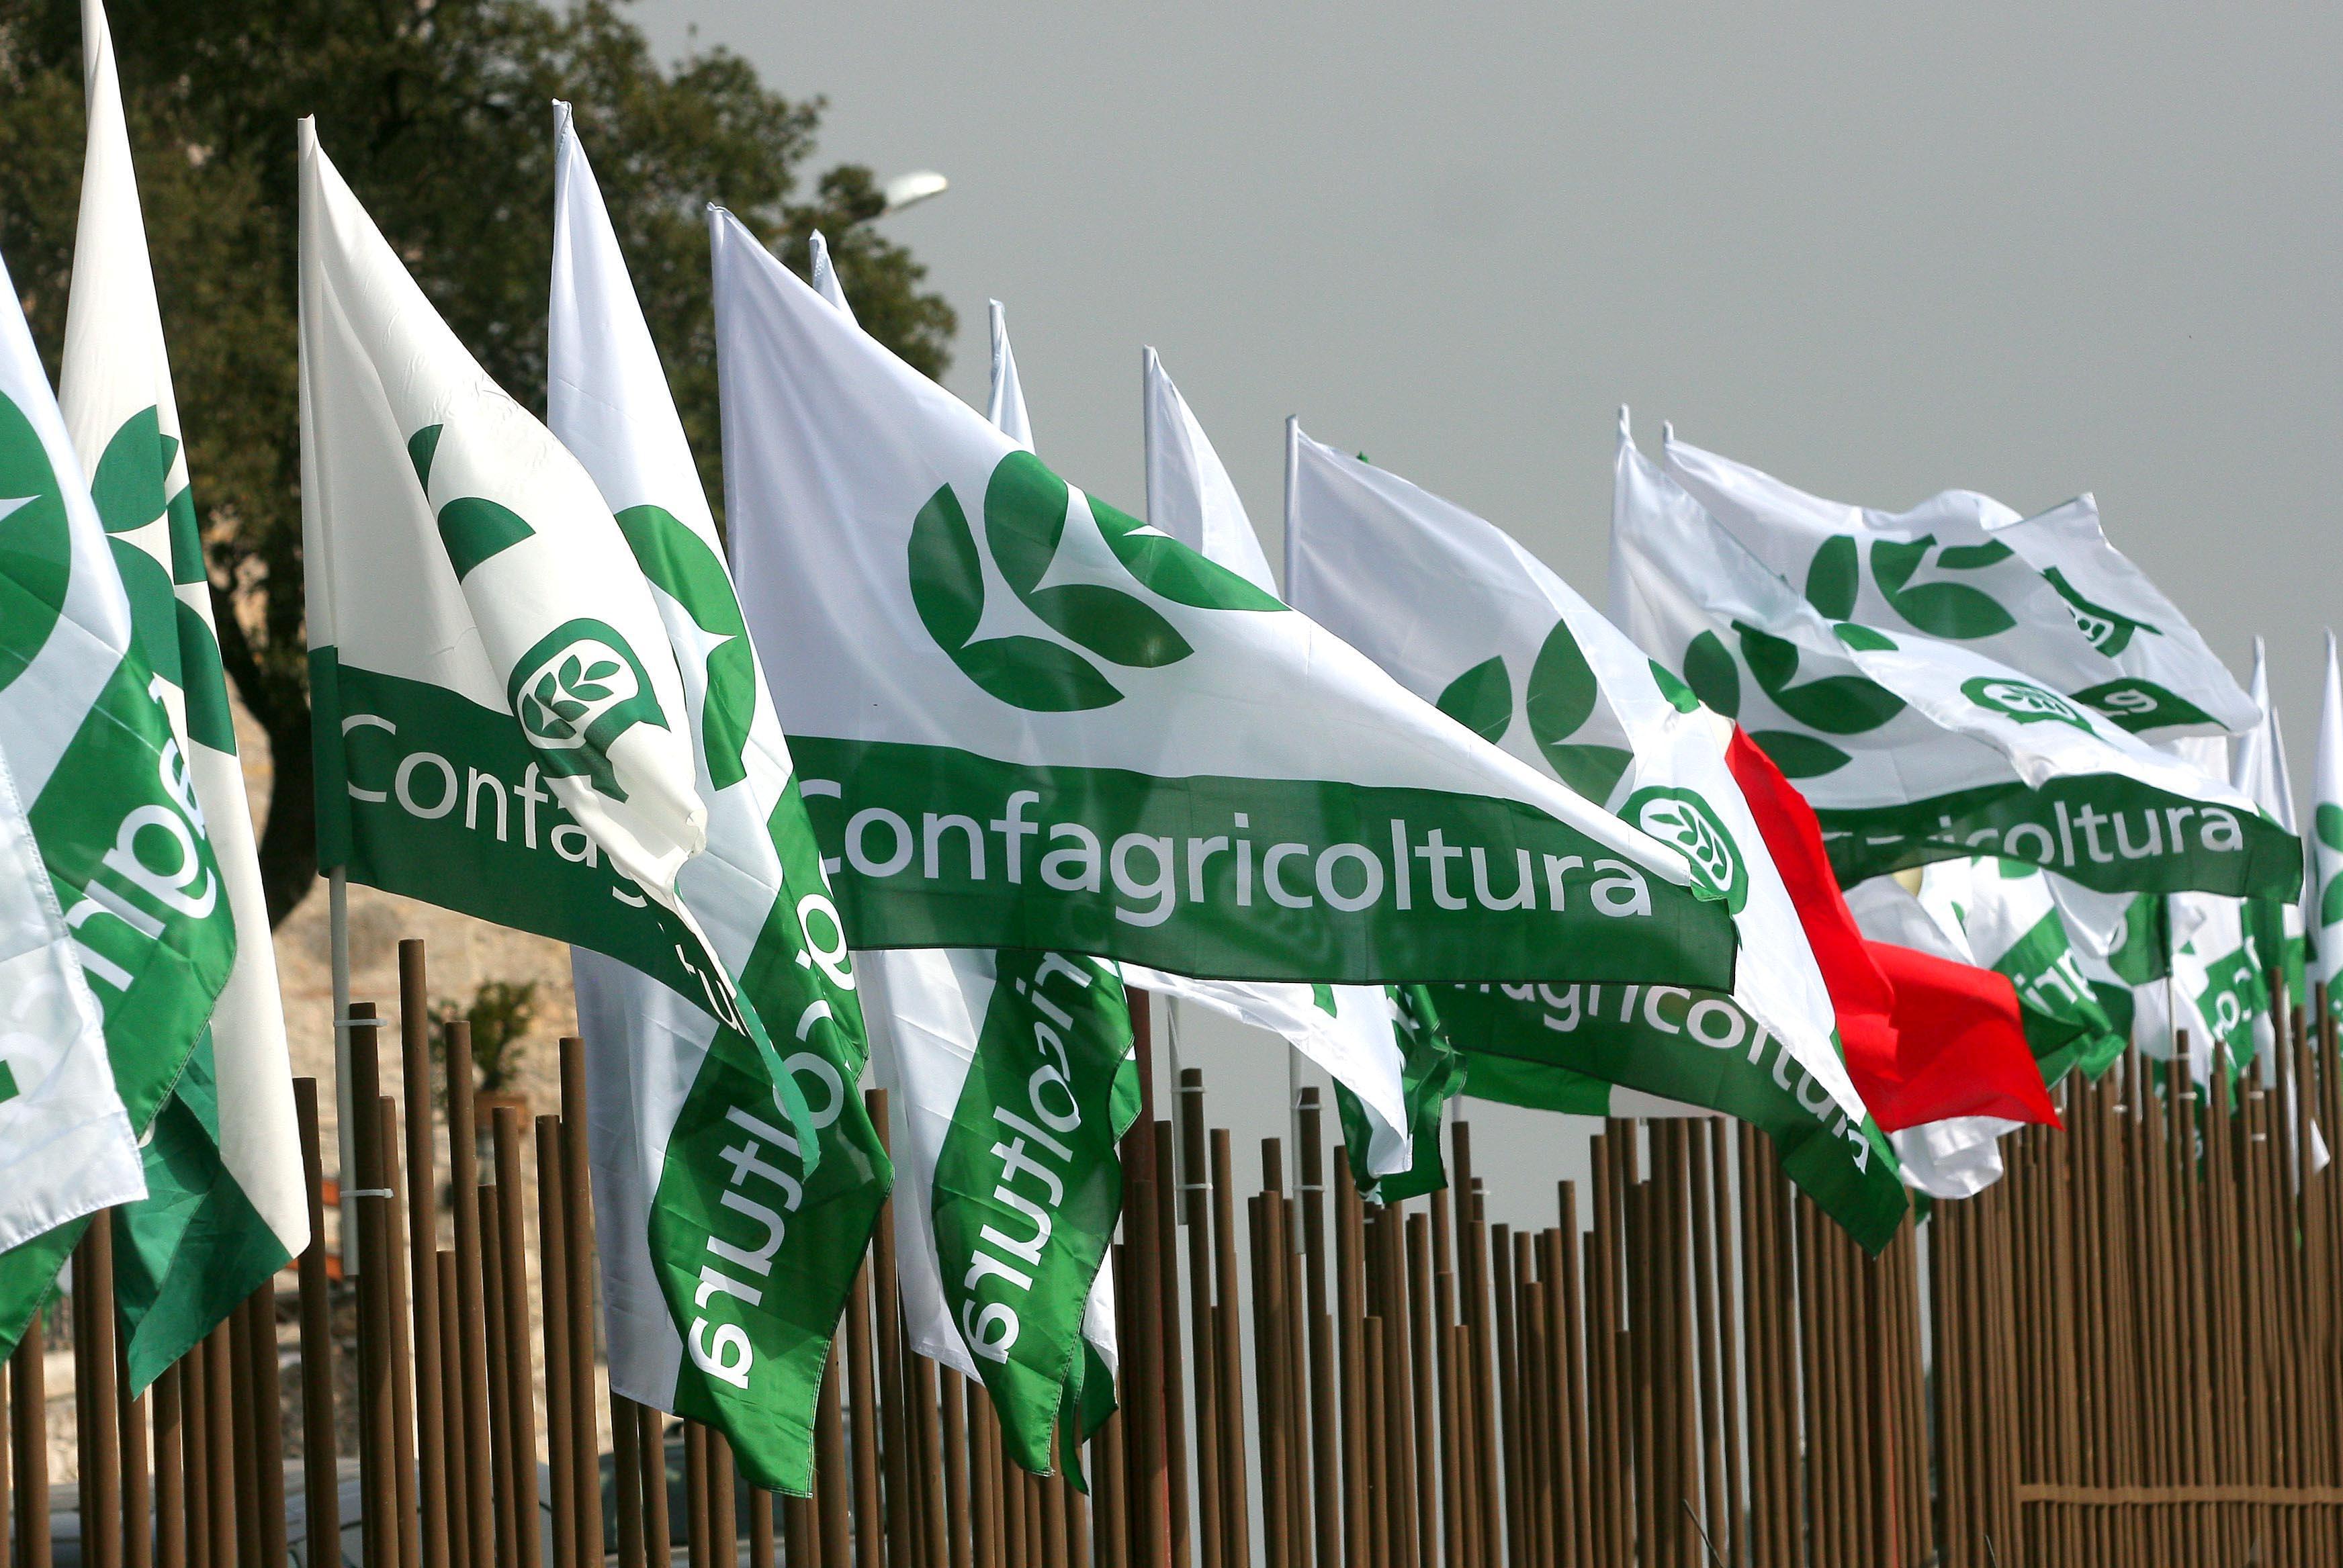 G7 Ambiente a Bologna: Confagricoltura lancia il progetto per il riuso del metano